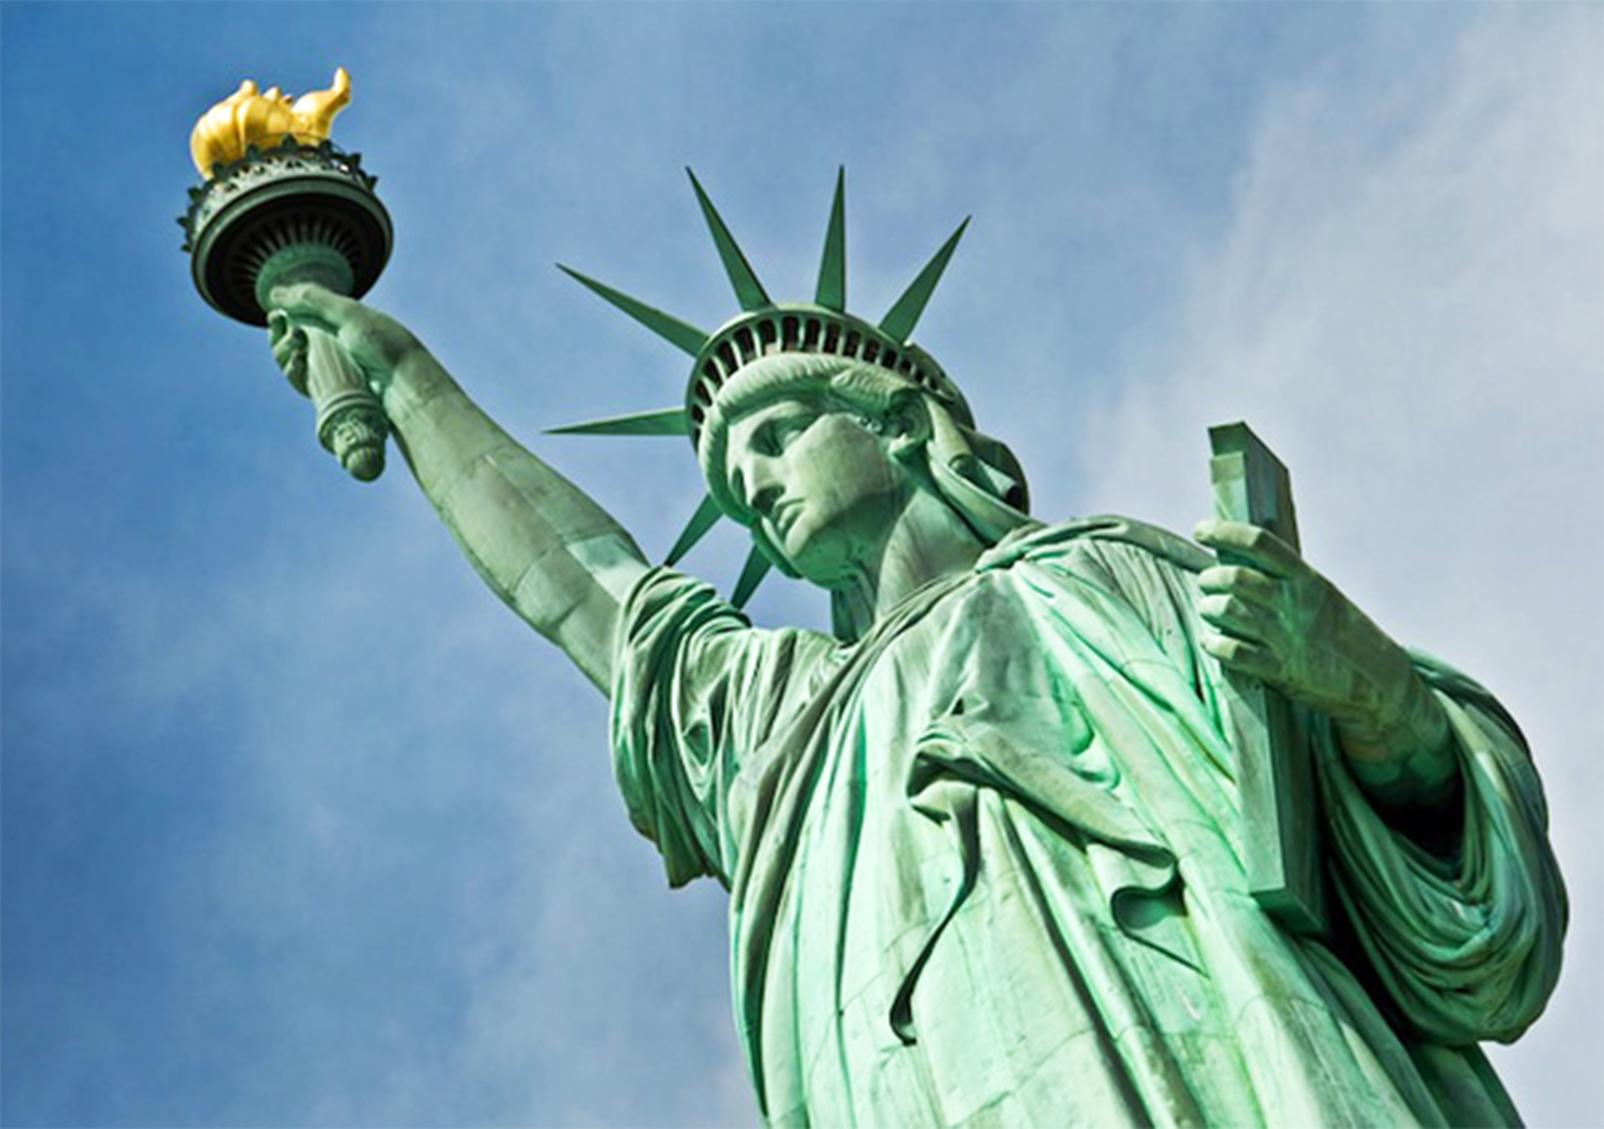 Tượng nữ thần Tự do còn mang những điều đặc biệt mà ít người biết đến